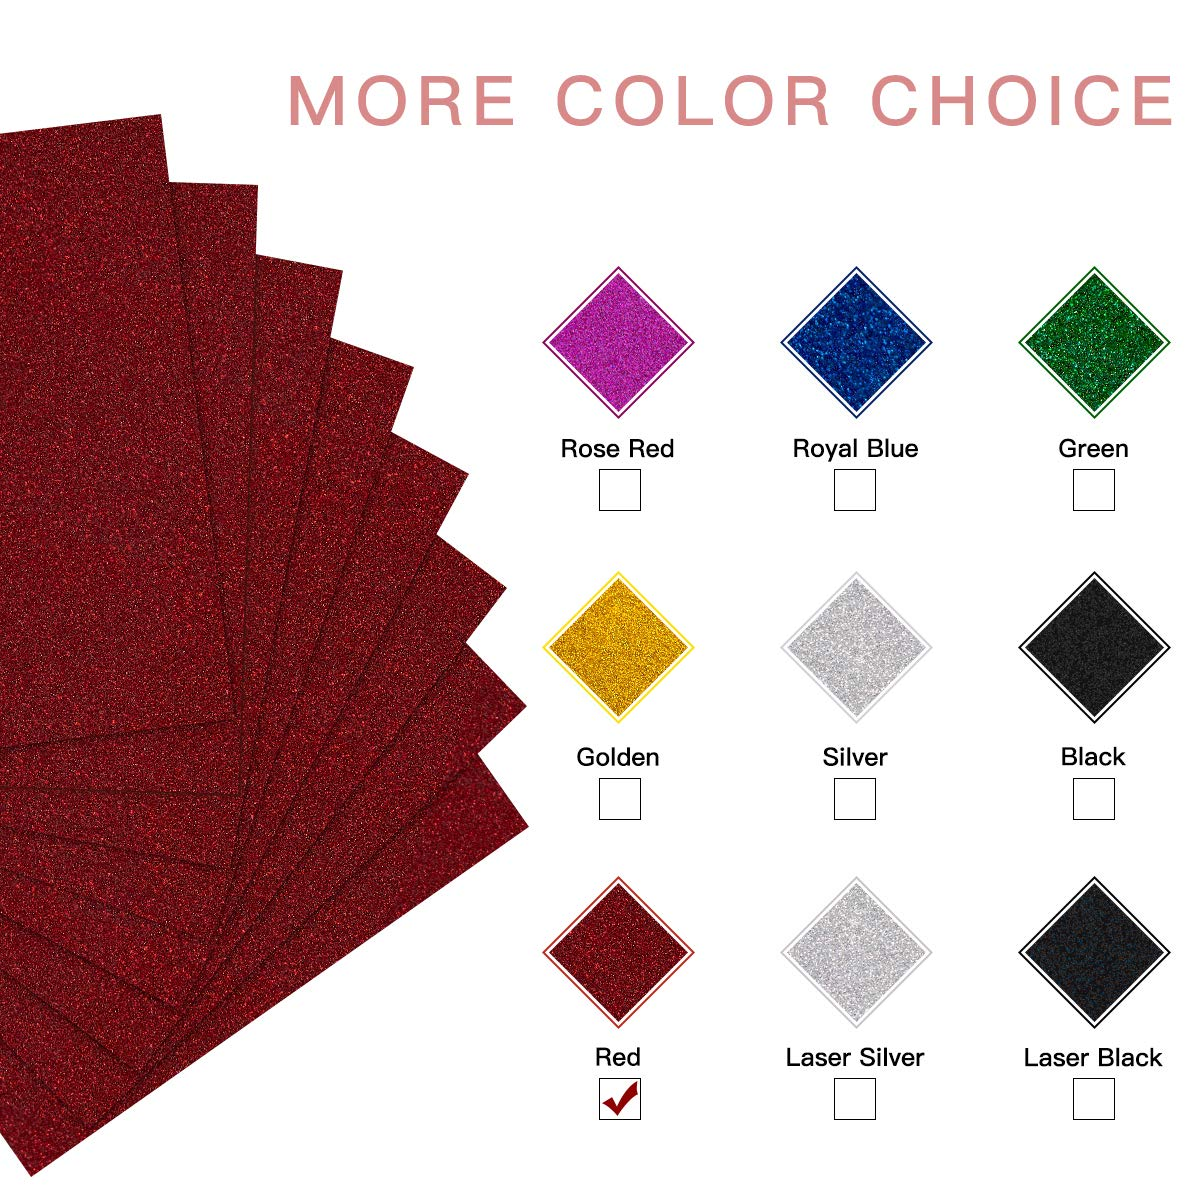 Black Glitter Heat Transfer Vinyl HTV Easy to Cut /& Press 8 Sheets 12in x 10ft Black Iron On Glitter HTV Vinyl for Cricut /& Silhouette Cameo